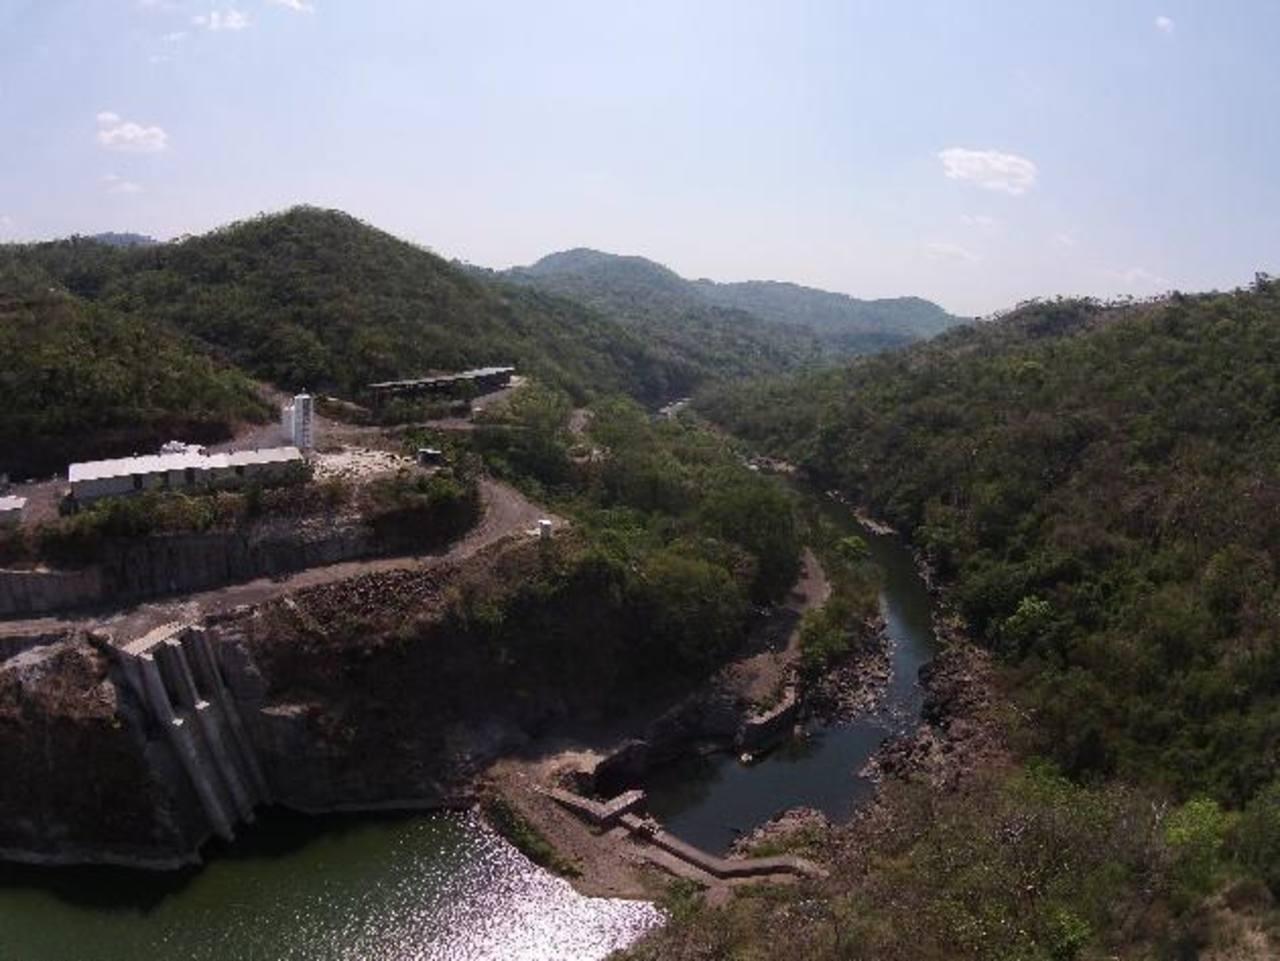 En esta área debería estar una presa CCR para contener el embalse del Río Torola y generar energía a largo plazo.